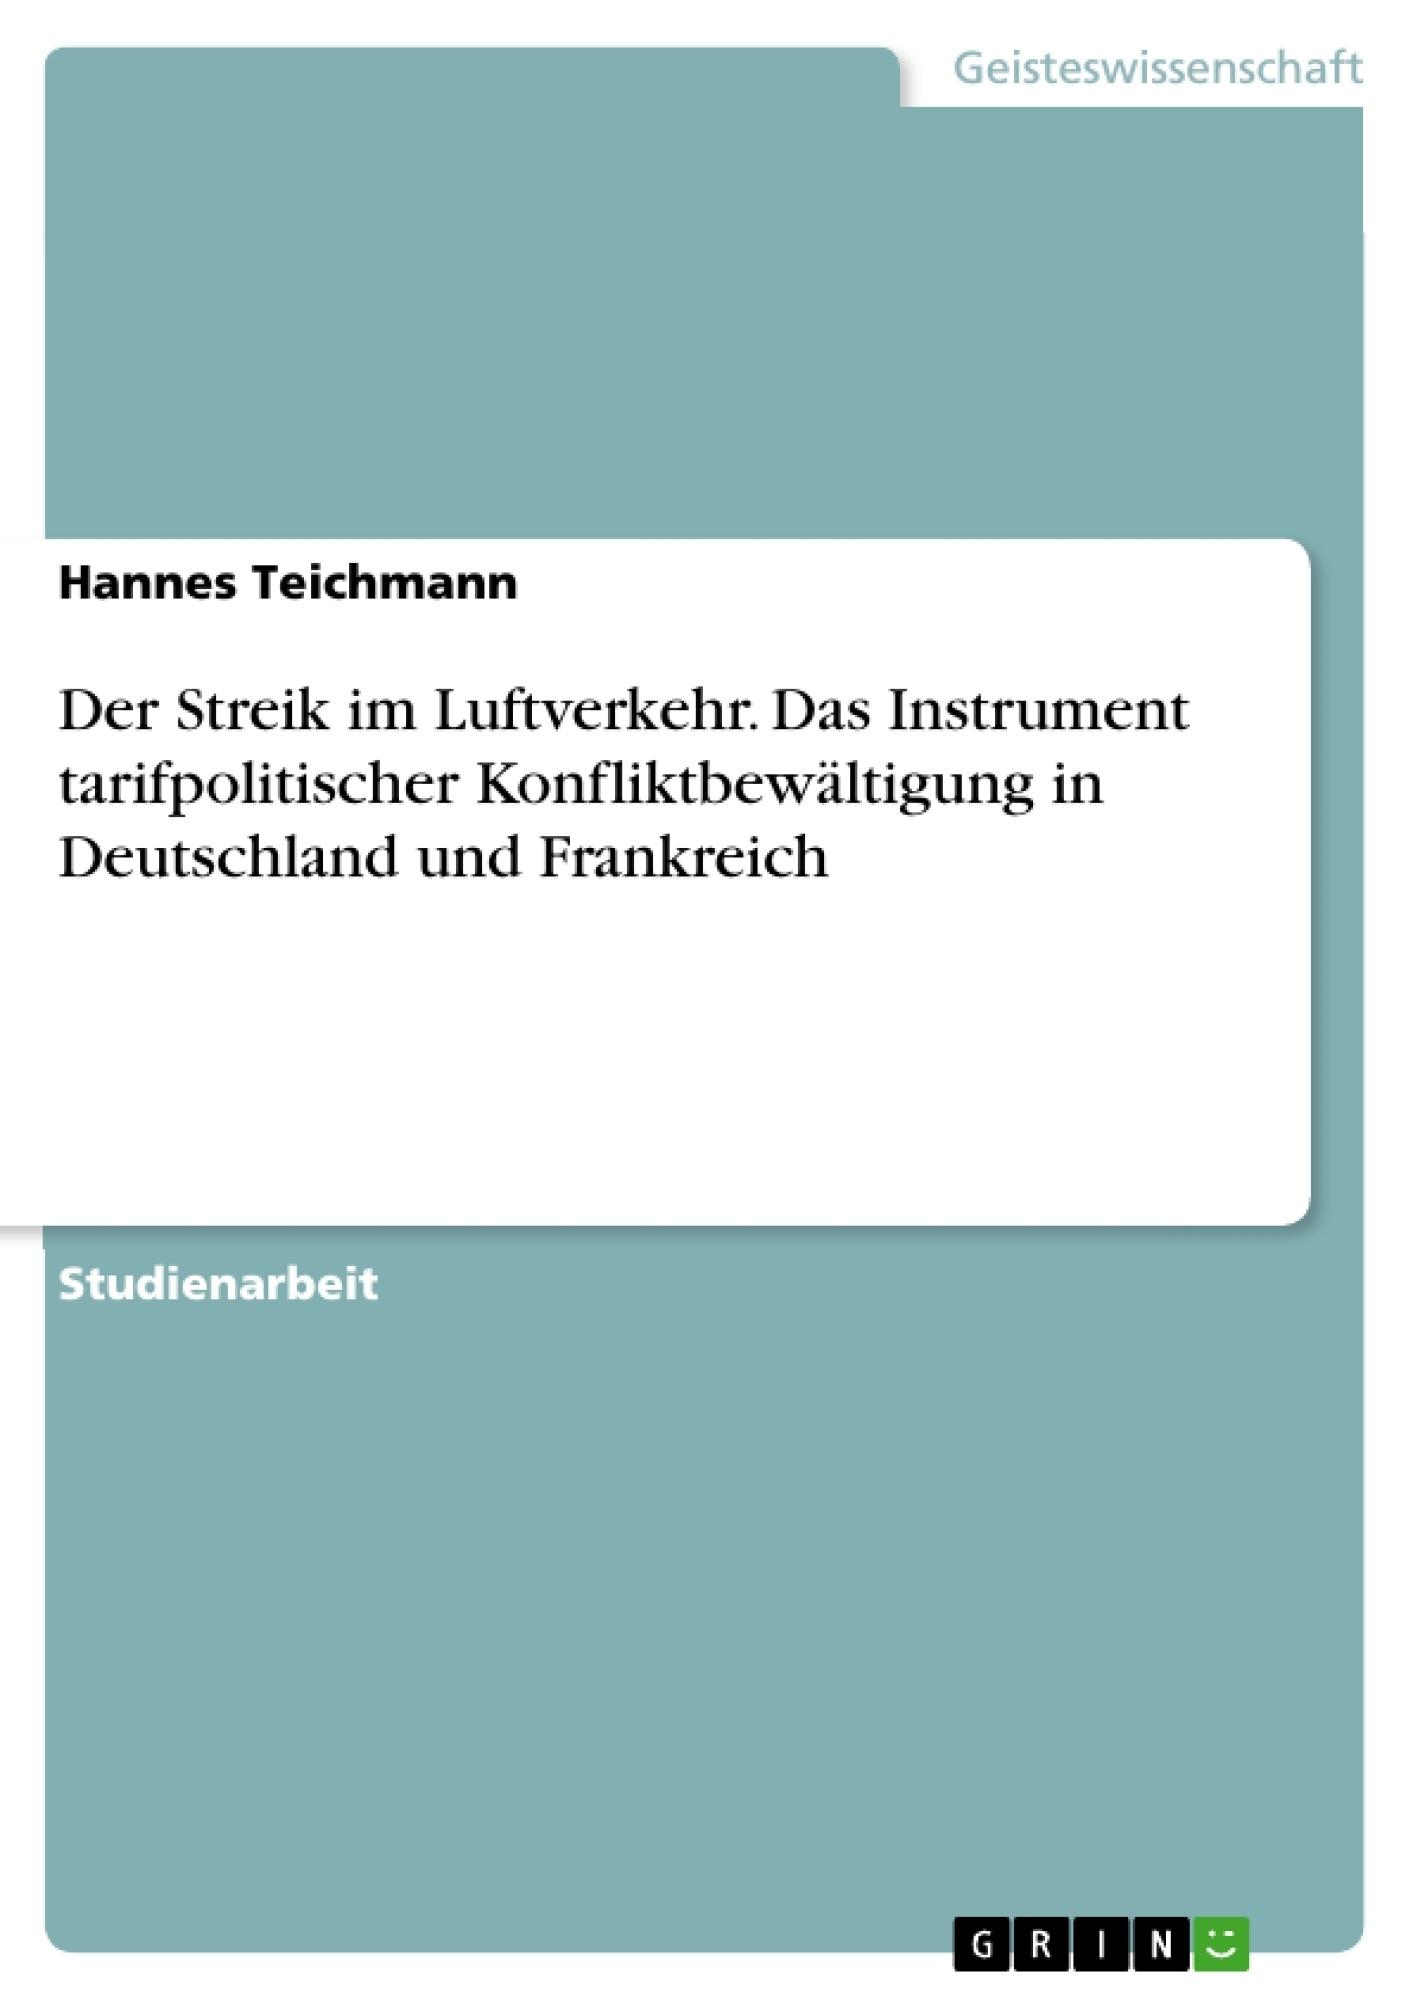 Titel: Der Streik im Luftverkehr. Das Instrument tarifpolitischer Konfliktbewältigung in Deutschland und Frankreich